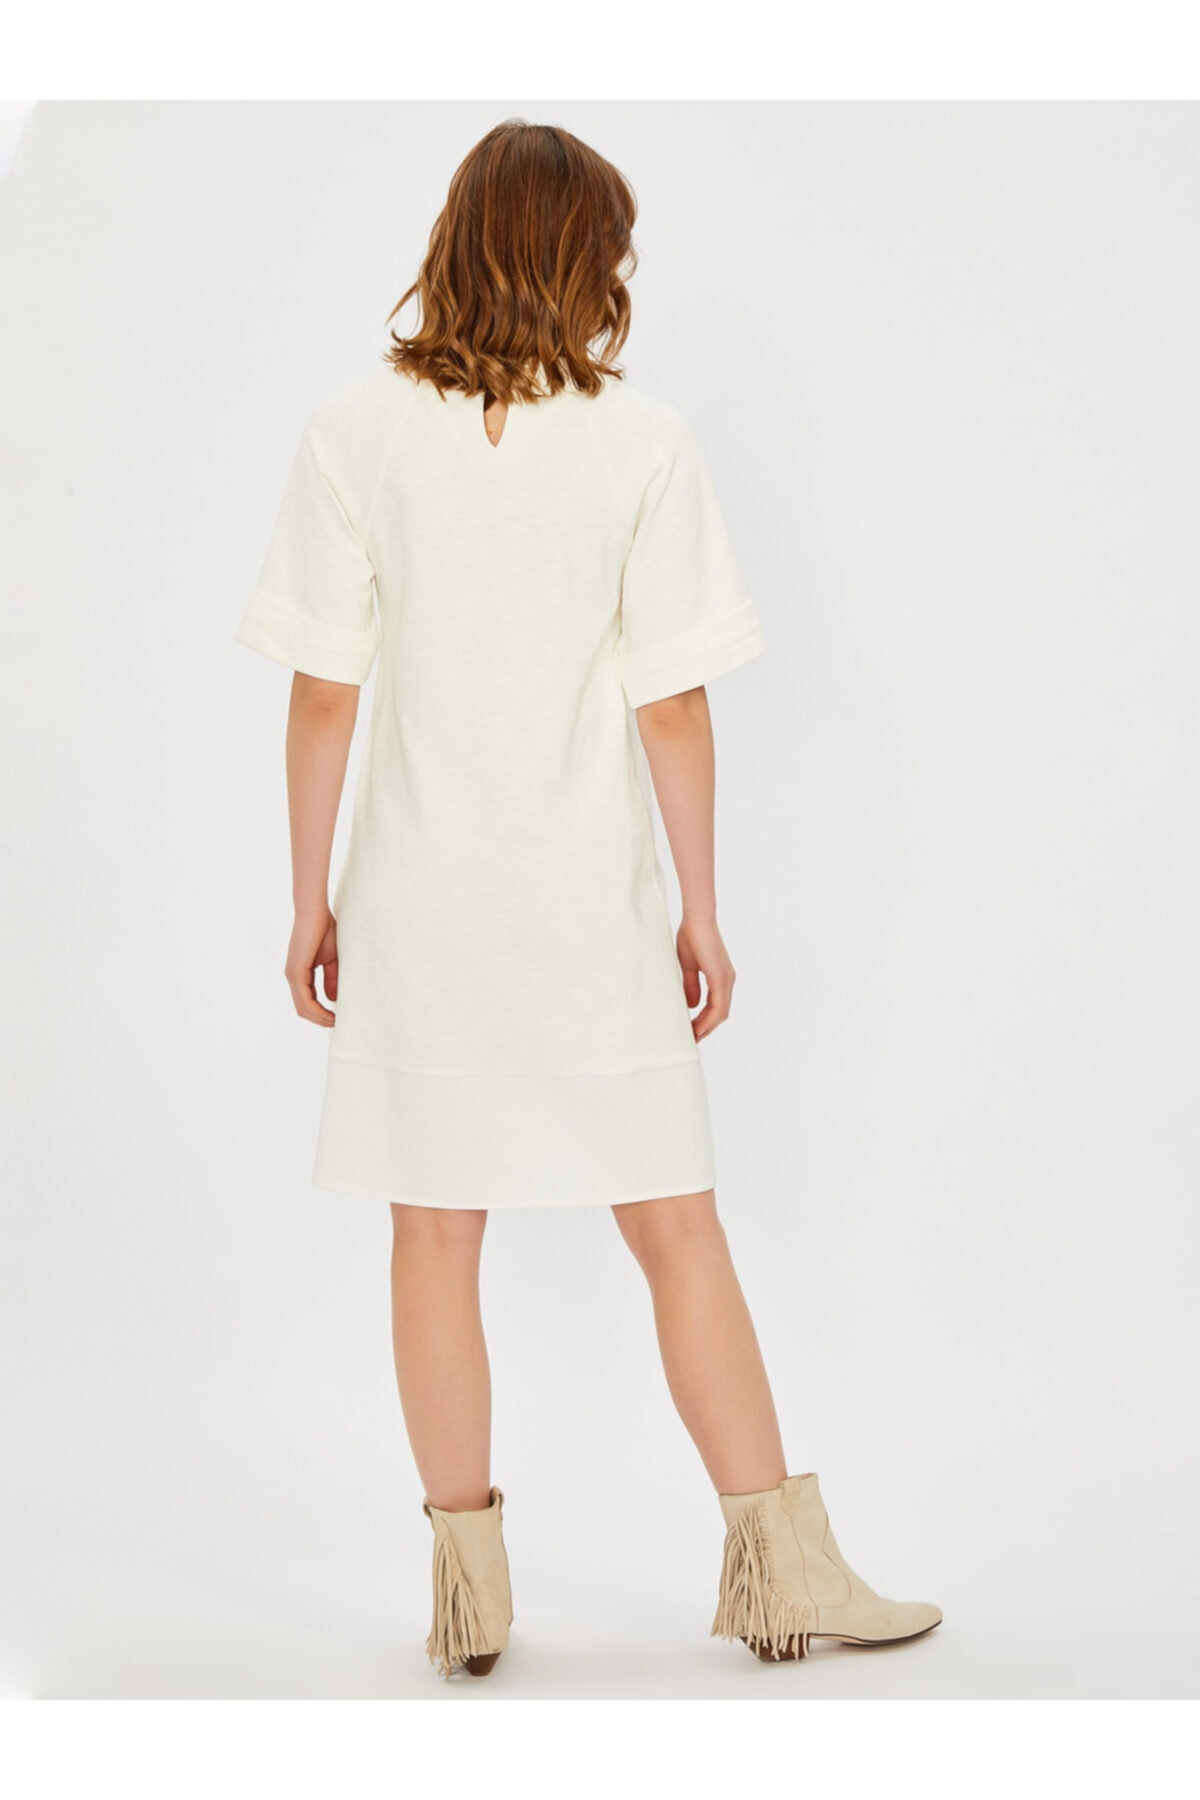 Vekem Kadın Bej Sıfır Yaka Rahat Kesim Elbise 2